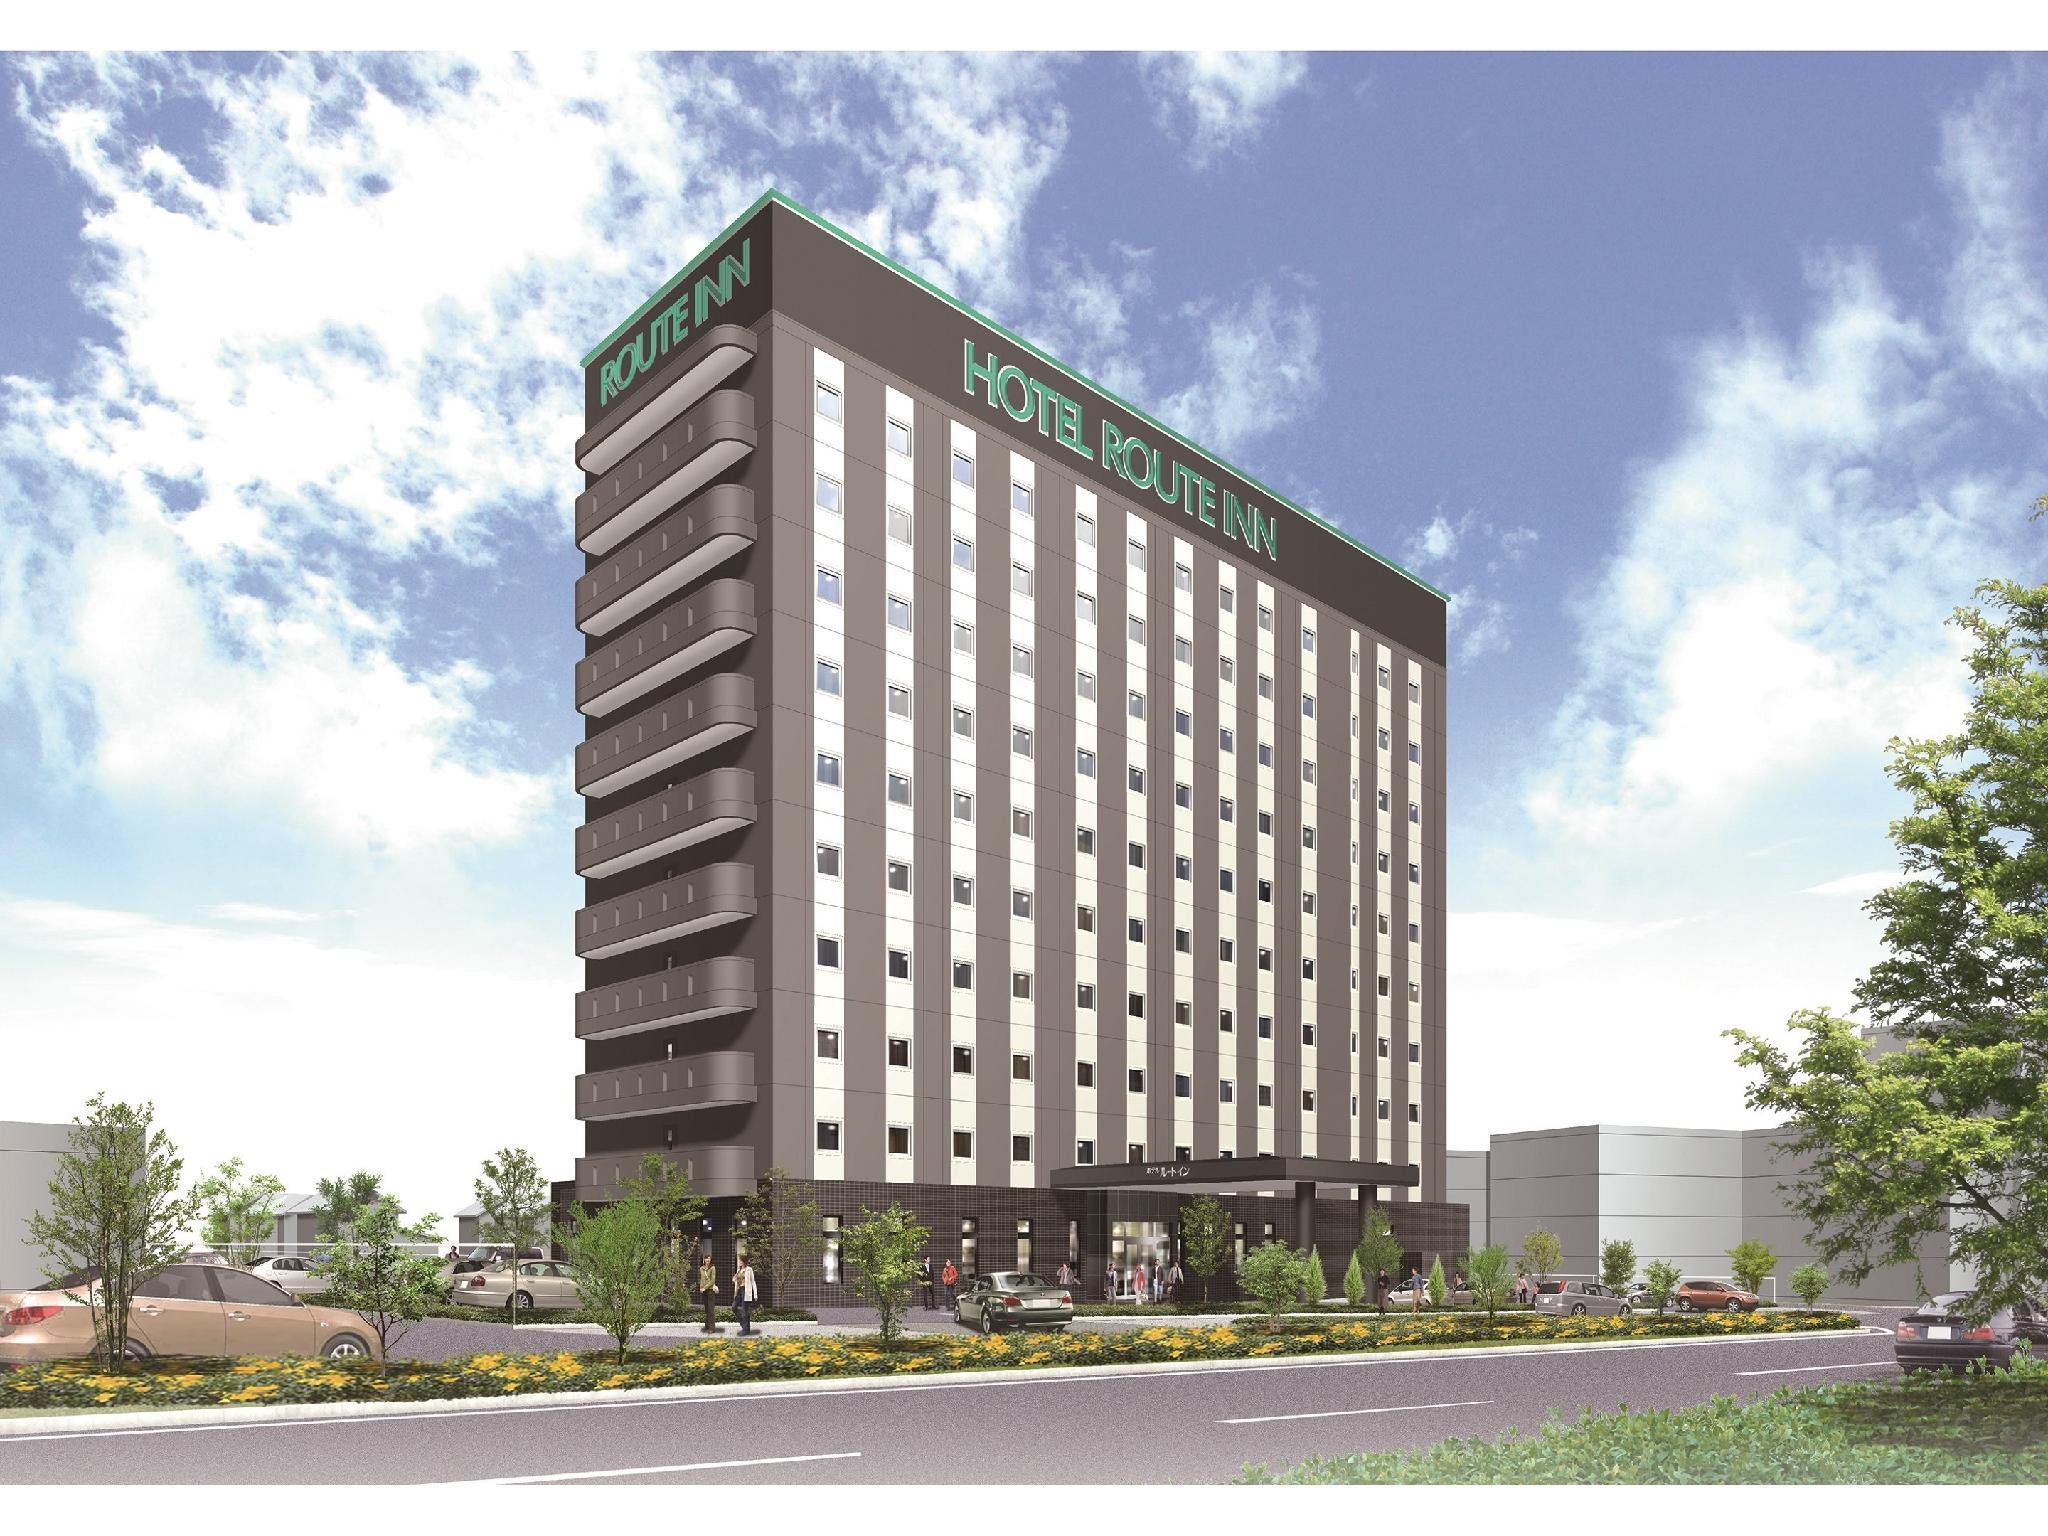 Hotel Route Inn Grand Ota Ekimae